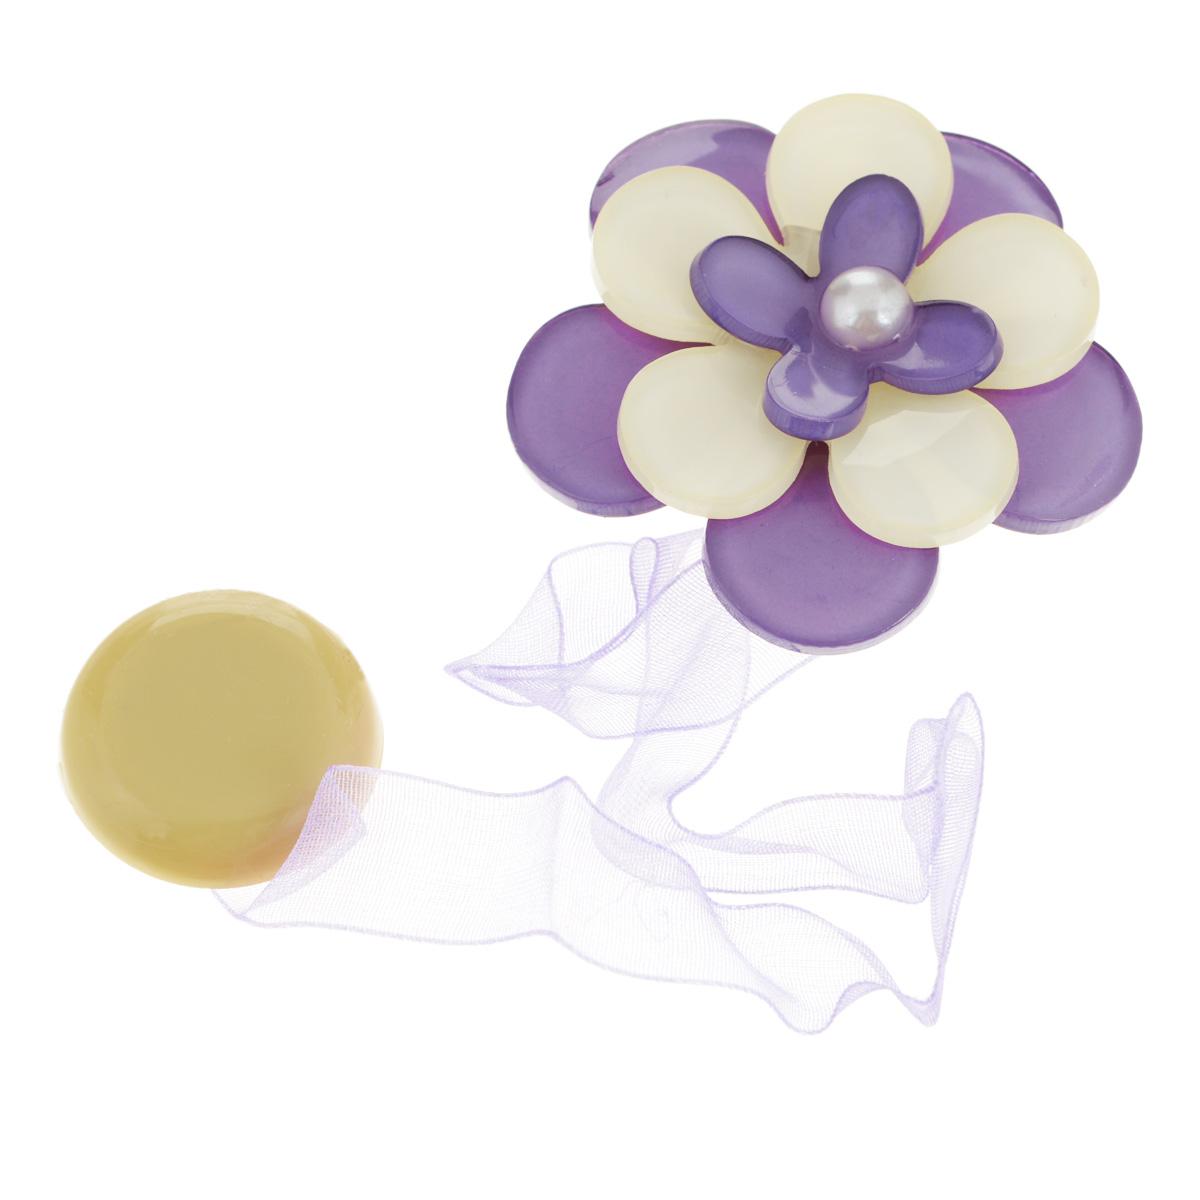 Клипса-магнит для штор Calamita Fiore, цвет: сиреневый, бежевый. 7704013_6467704013_646Клипса-магнит Calamita Fiore, изготовленная из пластика и полиэстера, предназначена для придания формы шторам. Изделие представляет собой два магнита, расположенные на разных концах текстильной ленты. Один из магнитов оформлен декоративным цветком. С помощью такой магнитной клипсы можно зафиксировать портьеры, придать им требуемое положение, сделать складки симметричными или приблизить портьеры, скрепить их. Клипсы для штор являются универсальным изделием, которое превосходно подойдет как для штор в детской комнате, так и для штор в гостиной. Следует отметить, что клипсы для штор выполняют не только практическую функцию, но также являются одной из основных деталей декора, которая придает шторам восхитительный, стильный внешний вид.Диаметр декоративного цветка: 5 см.Длина ленты: 28 см.